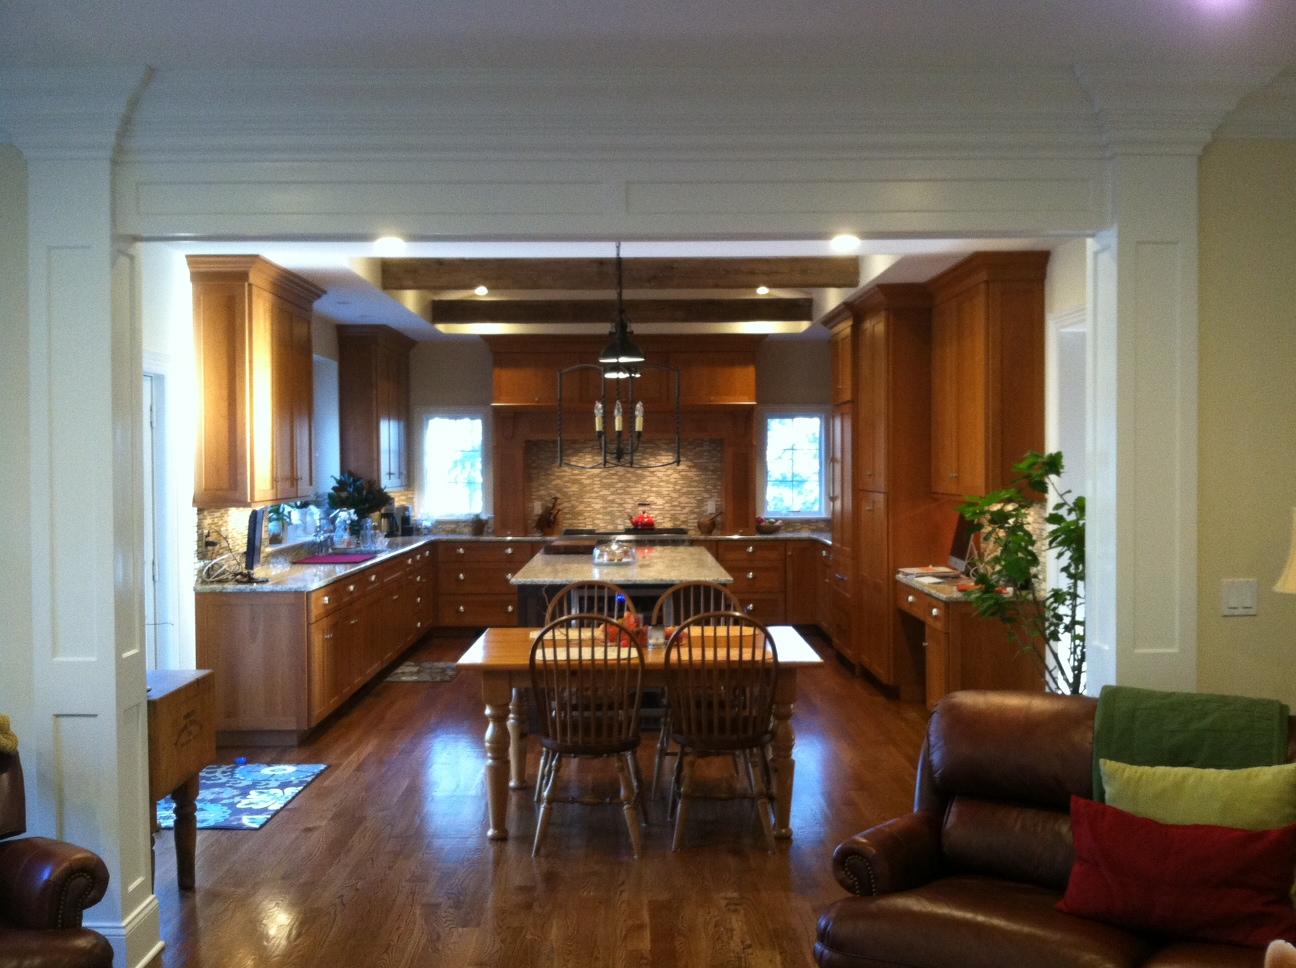 163 branchville - Kitchen - 2.jpg